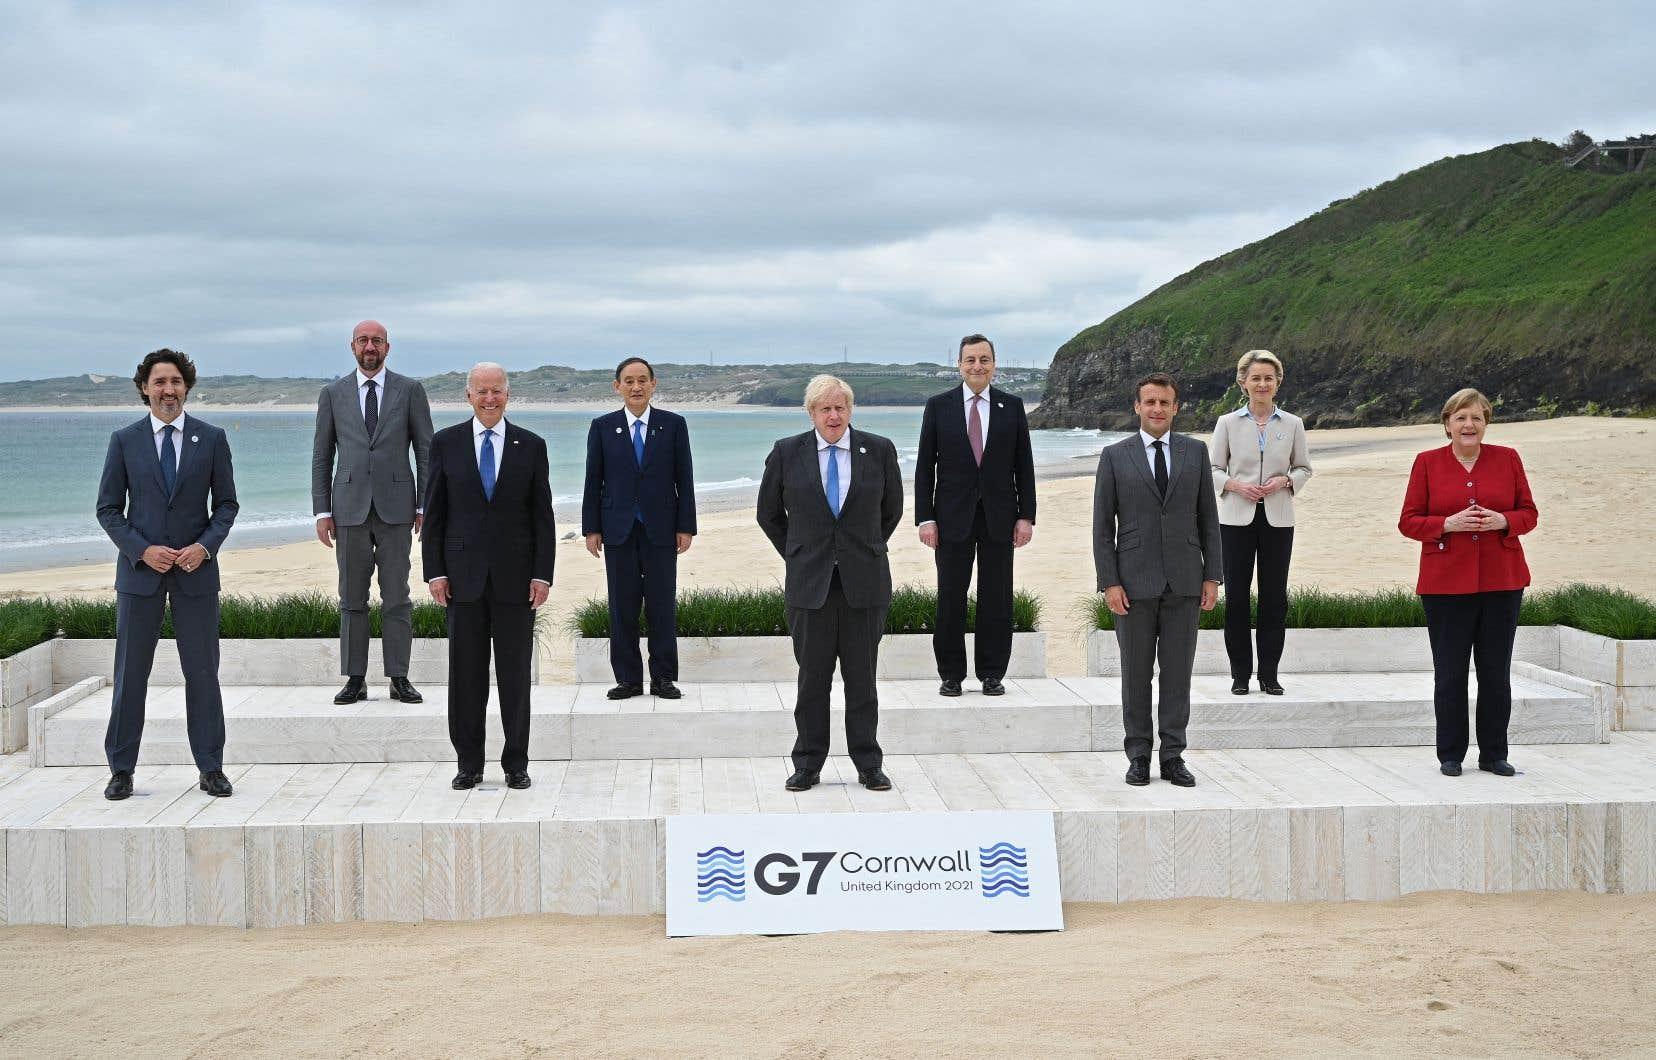 À l'issue du sommet du G7, les dirigeants se sont prononcés sur plusieurs sujets lors d'un communiqué final.